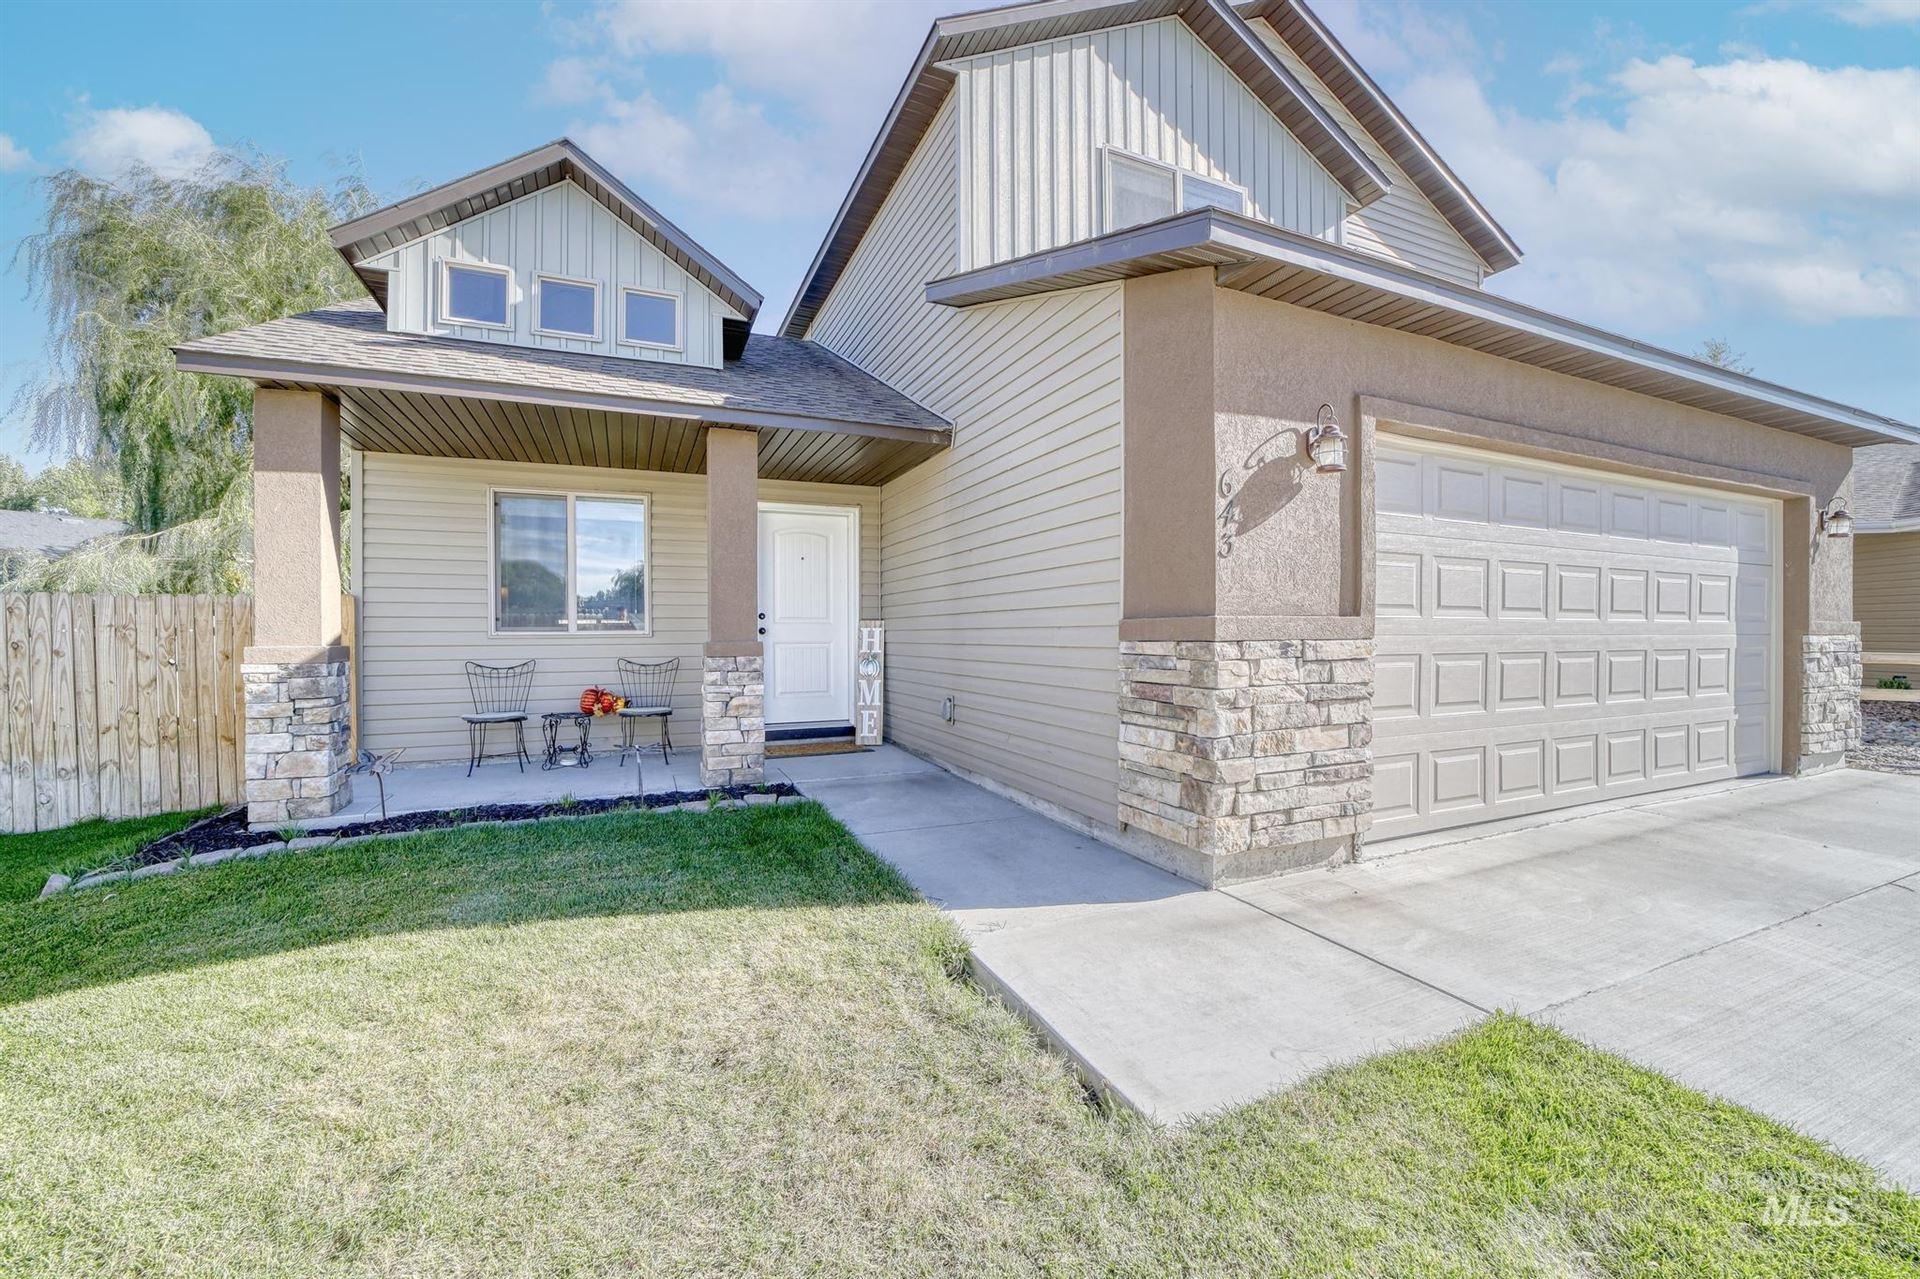 Photo of 643 Titleist Street, Twin Falls, ID 83301 (MLS # 98819489)